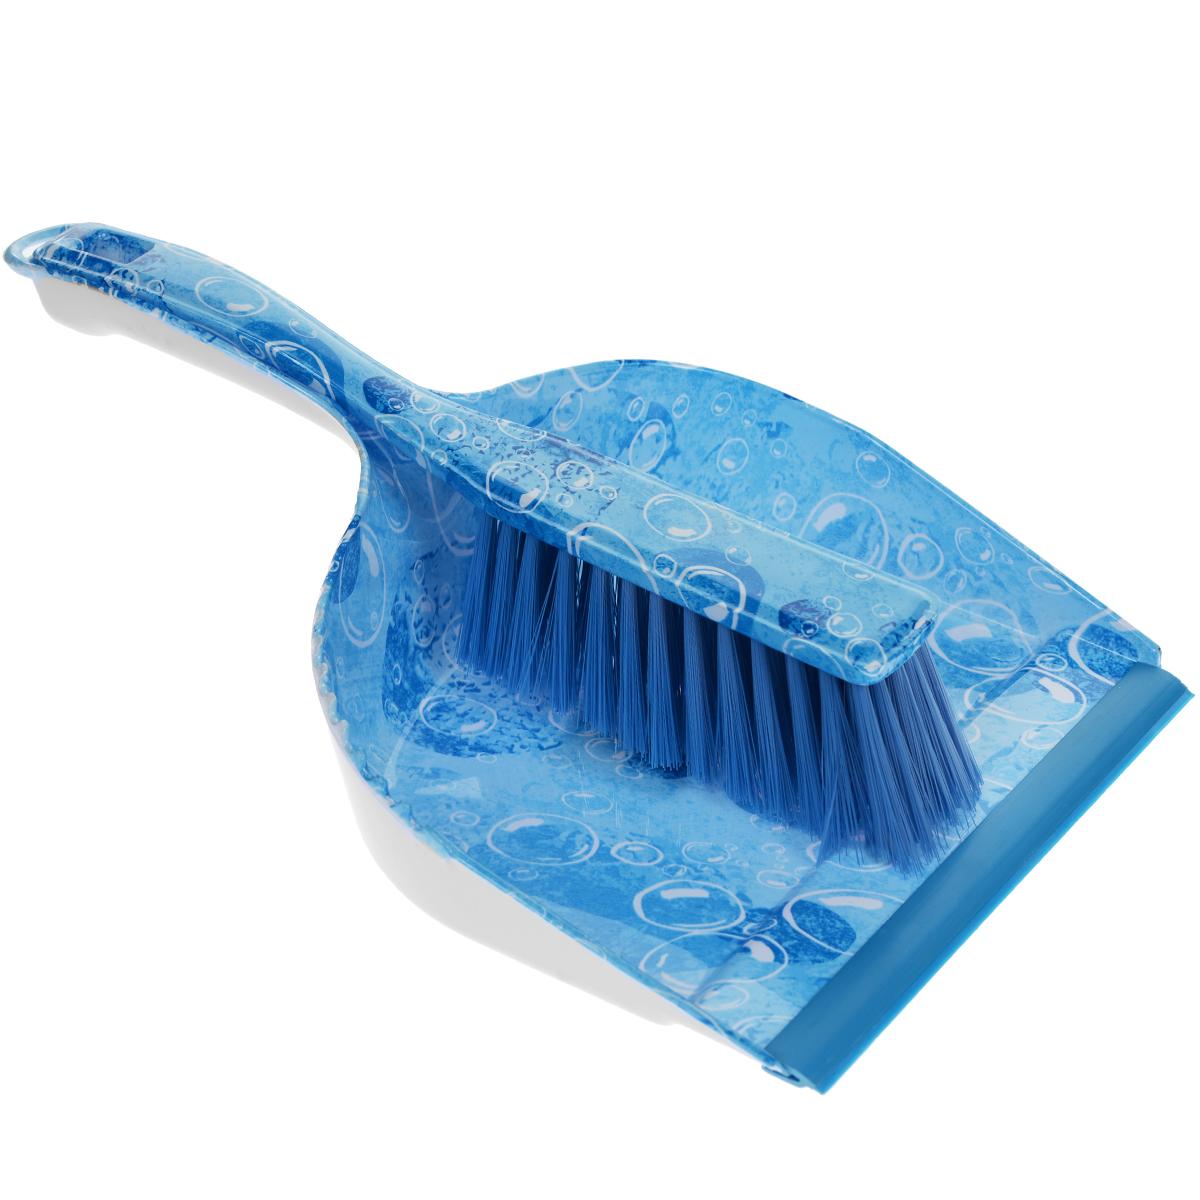 Совок для мусора с щеткой Фэйт Аква69002Совок для мусора с щеткой Аква предназначен для различных видов хозяйственных работ, чистки горизонтальных поверхностей из разных материалов. Сметка удобно крепится к ручке совка.